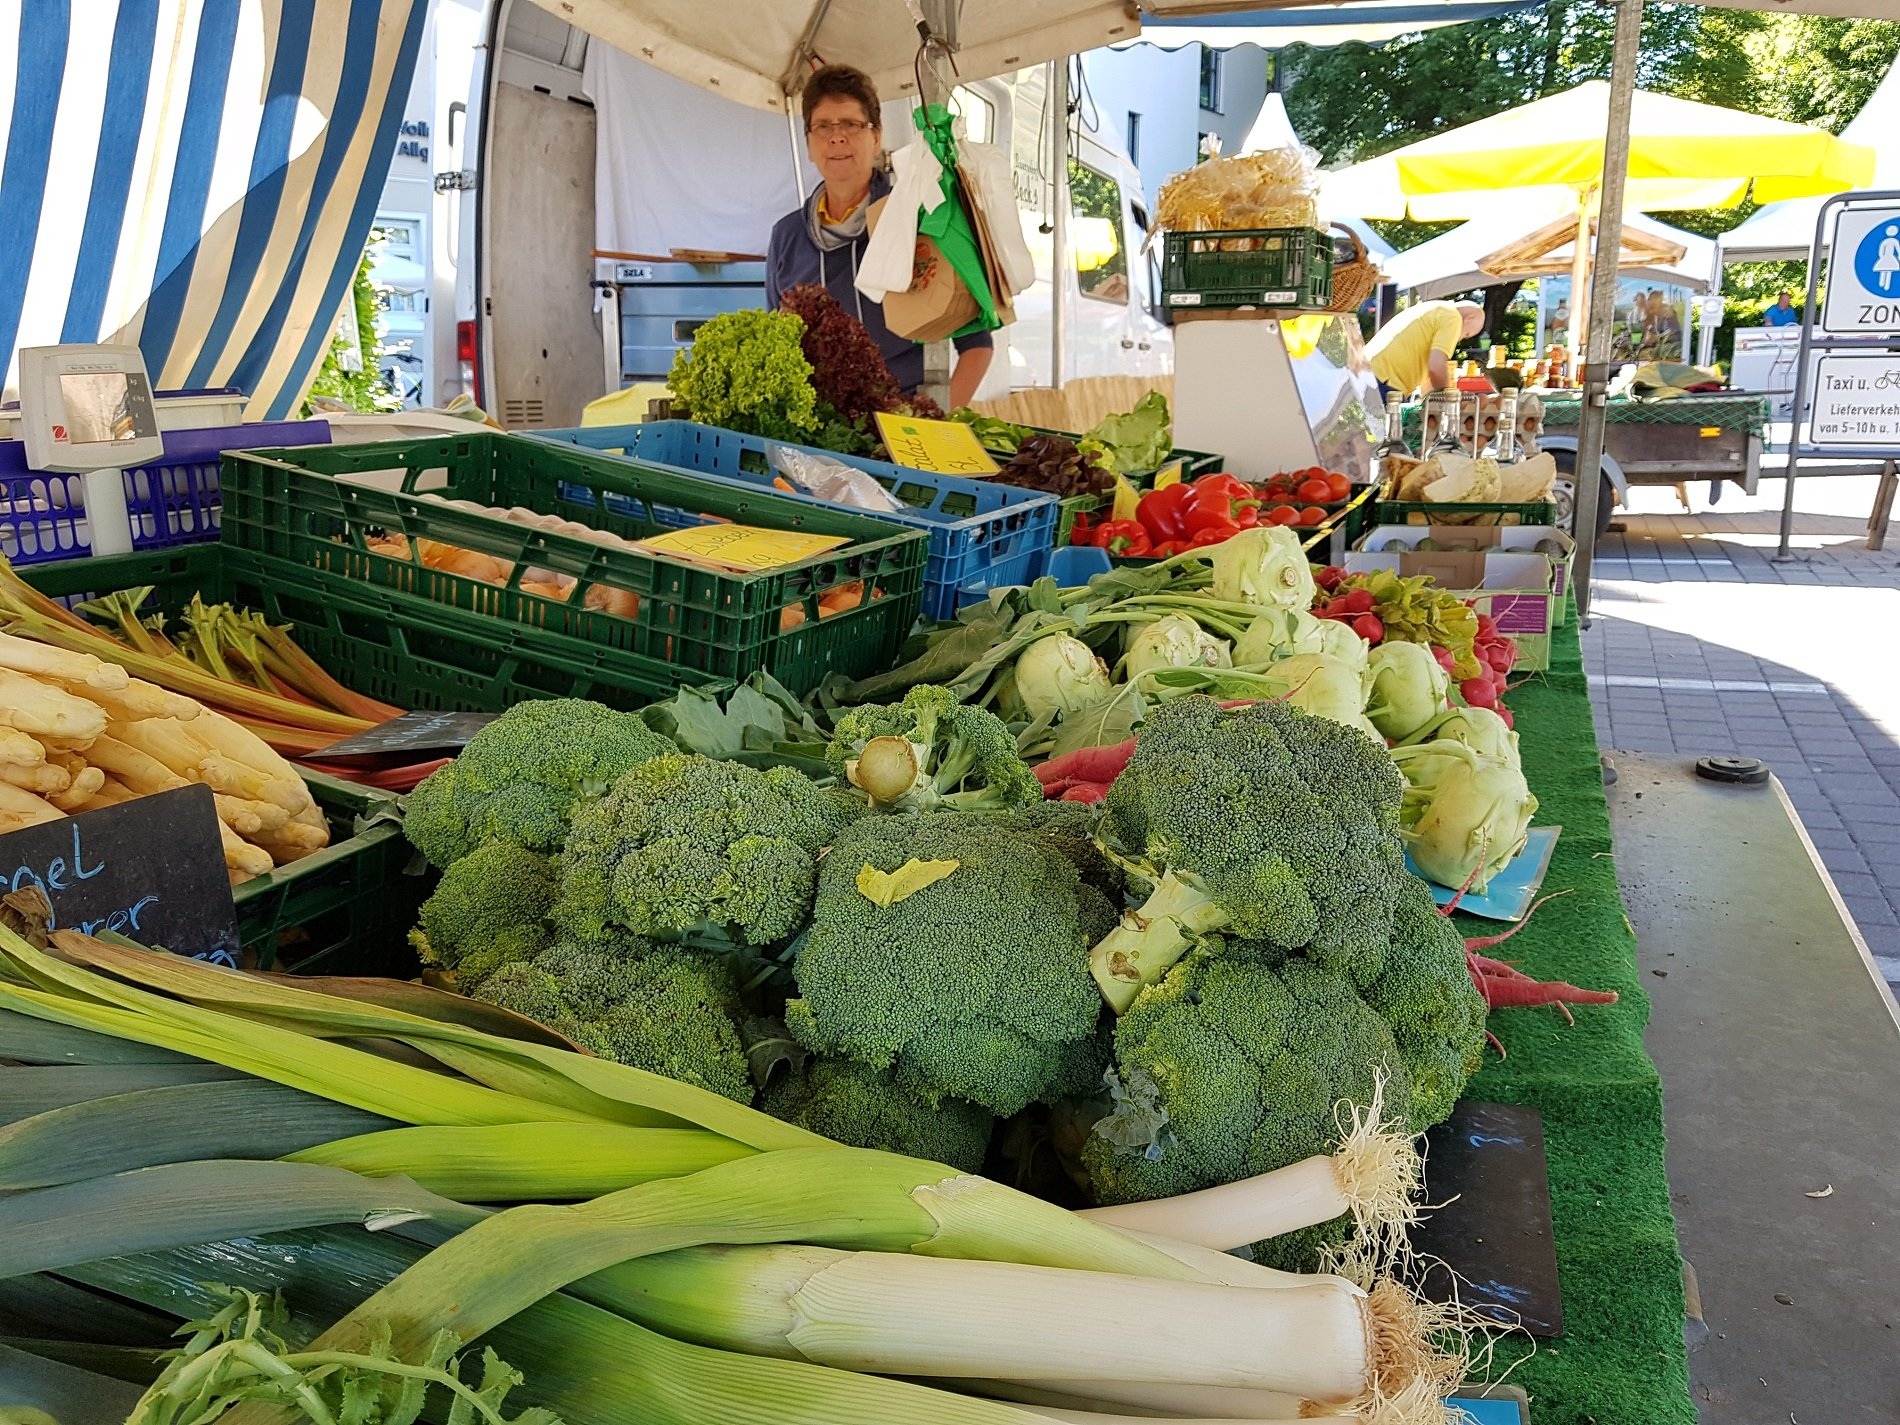 Vielfältiges Angebot an Obst und Gemüse